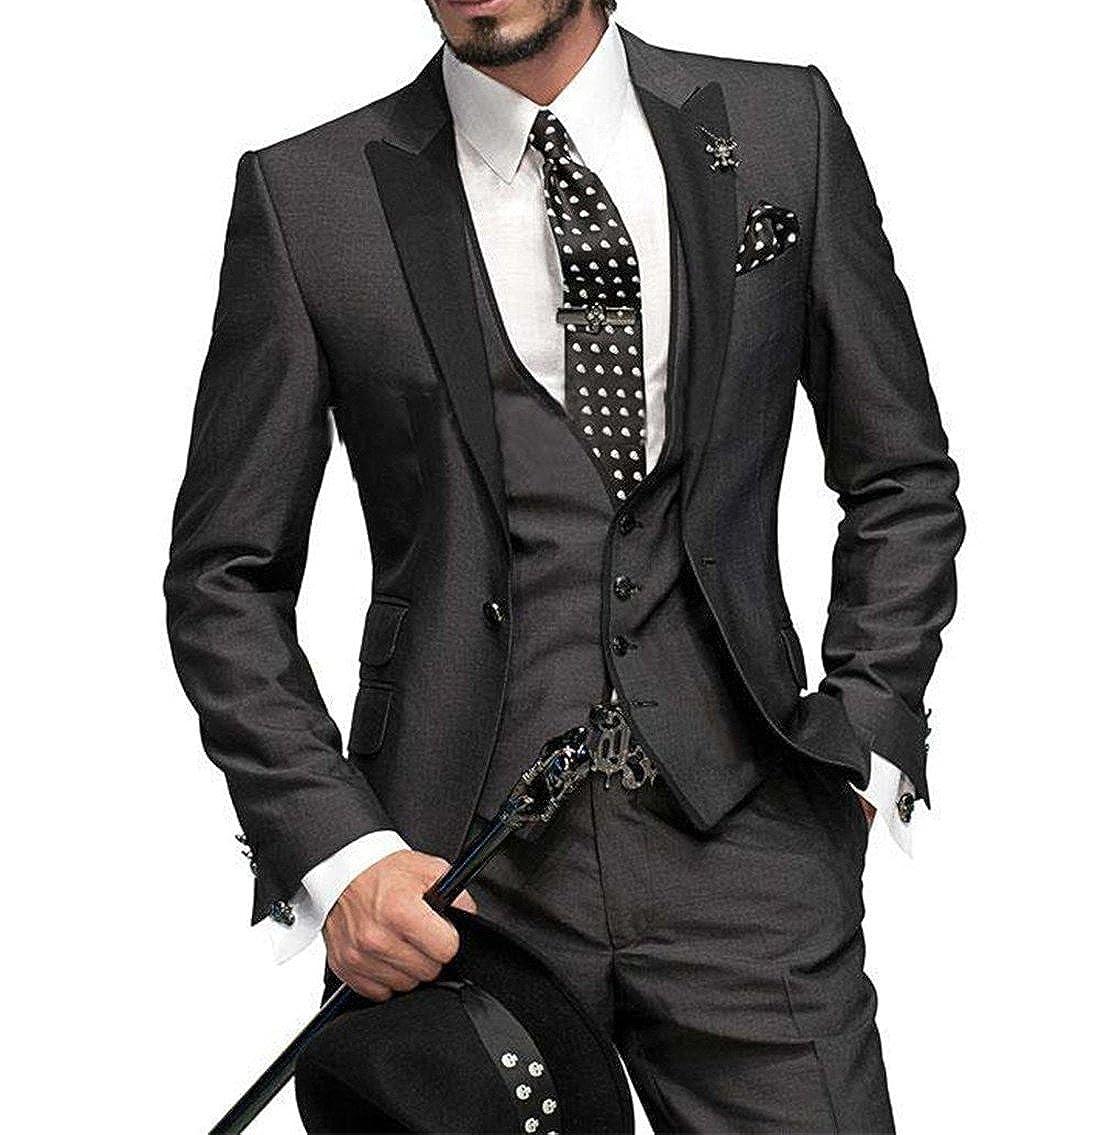 YZHEN Mens Suit Peak Lapel One Button Jacket and Vest Pants Set